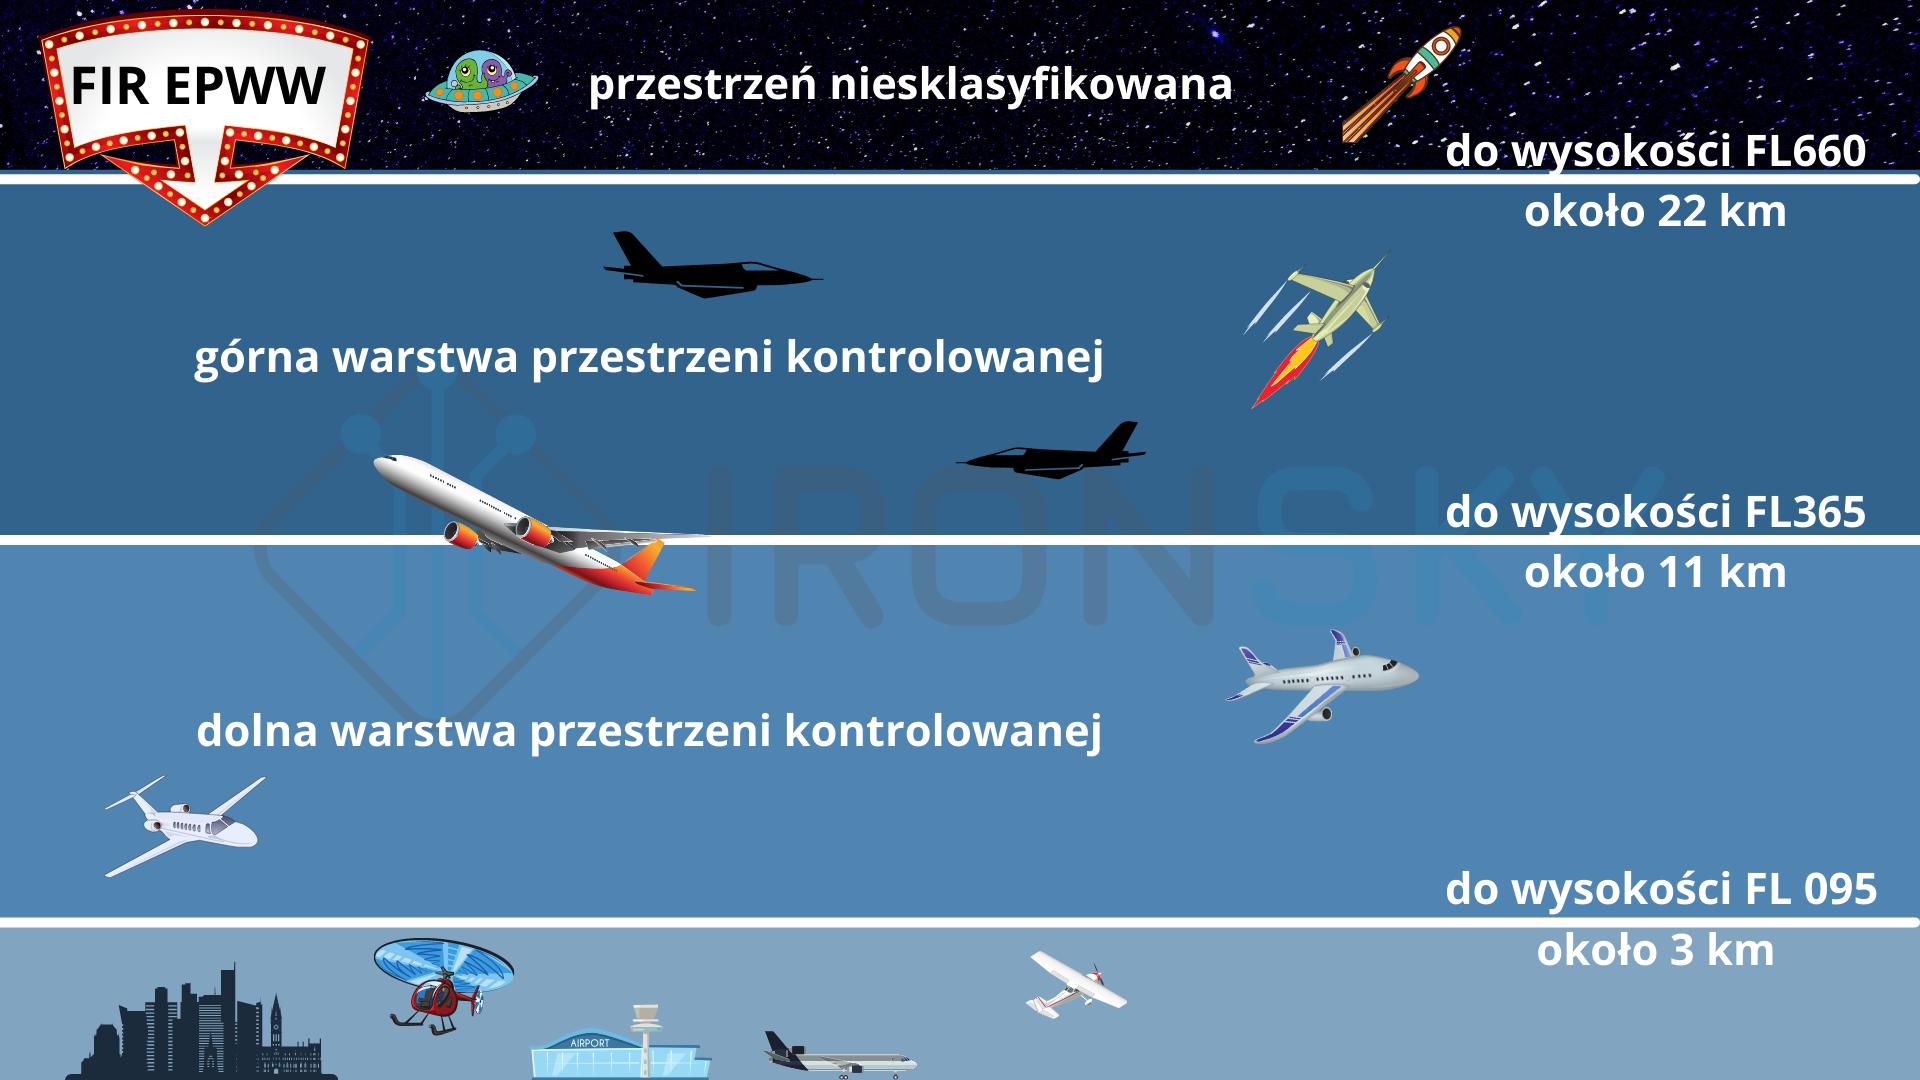 ironsky pionowy podział przestrzeni powietrznej kontrolowanej